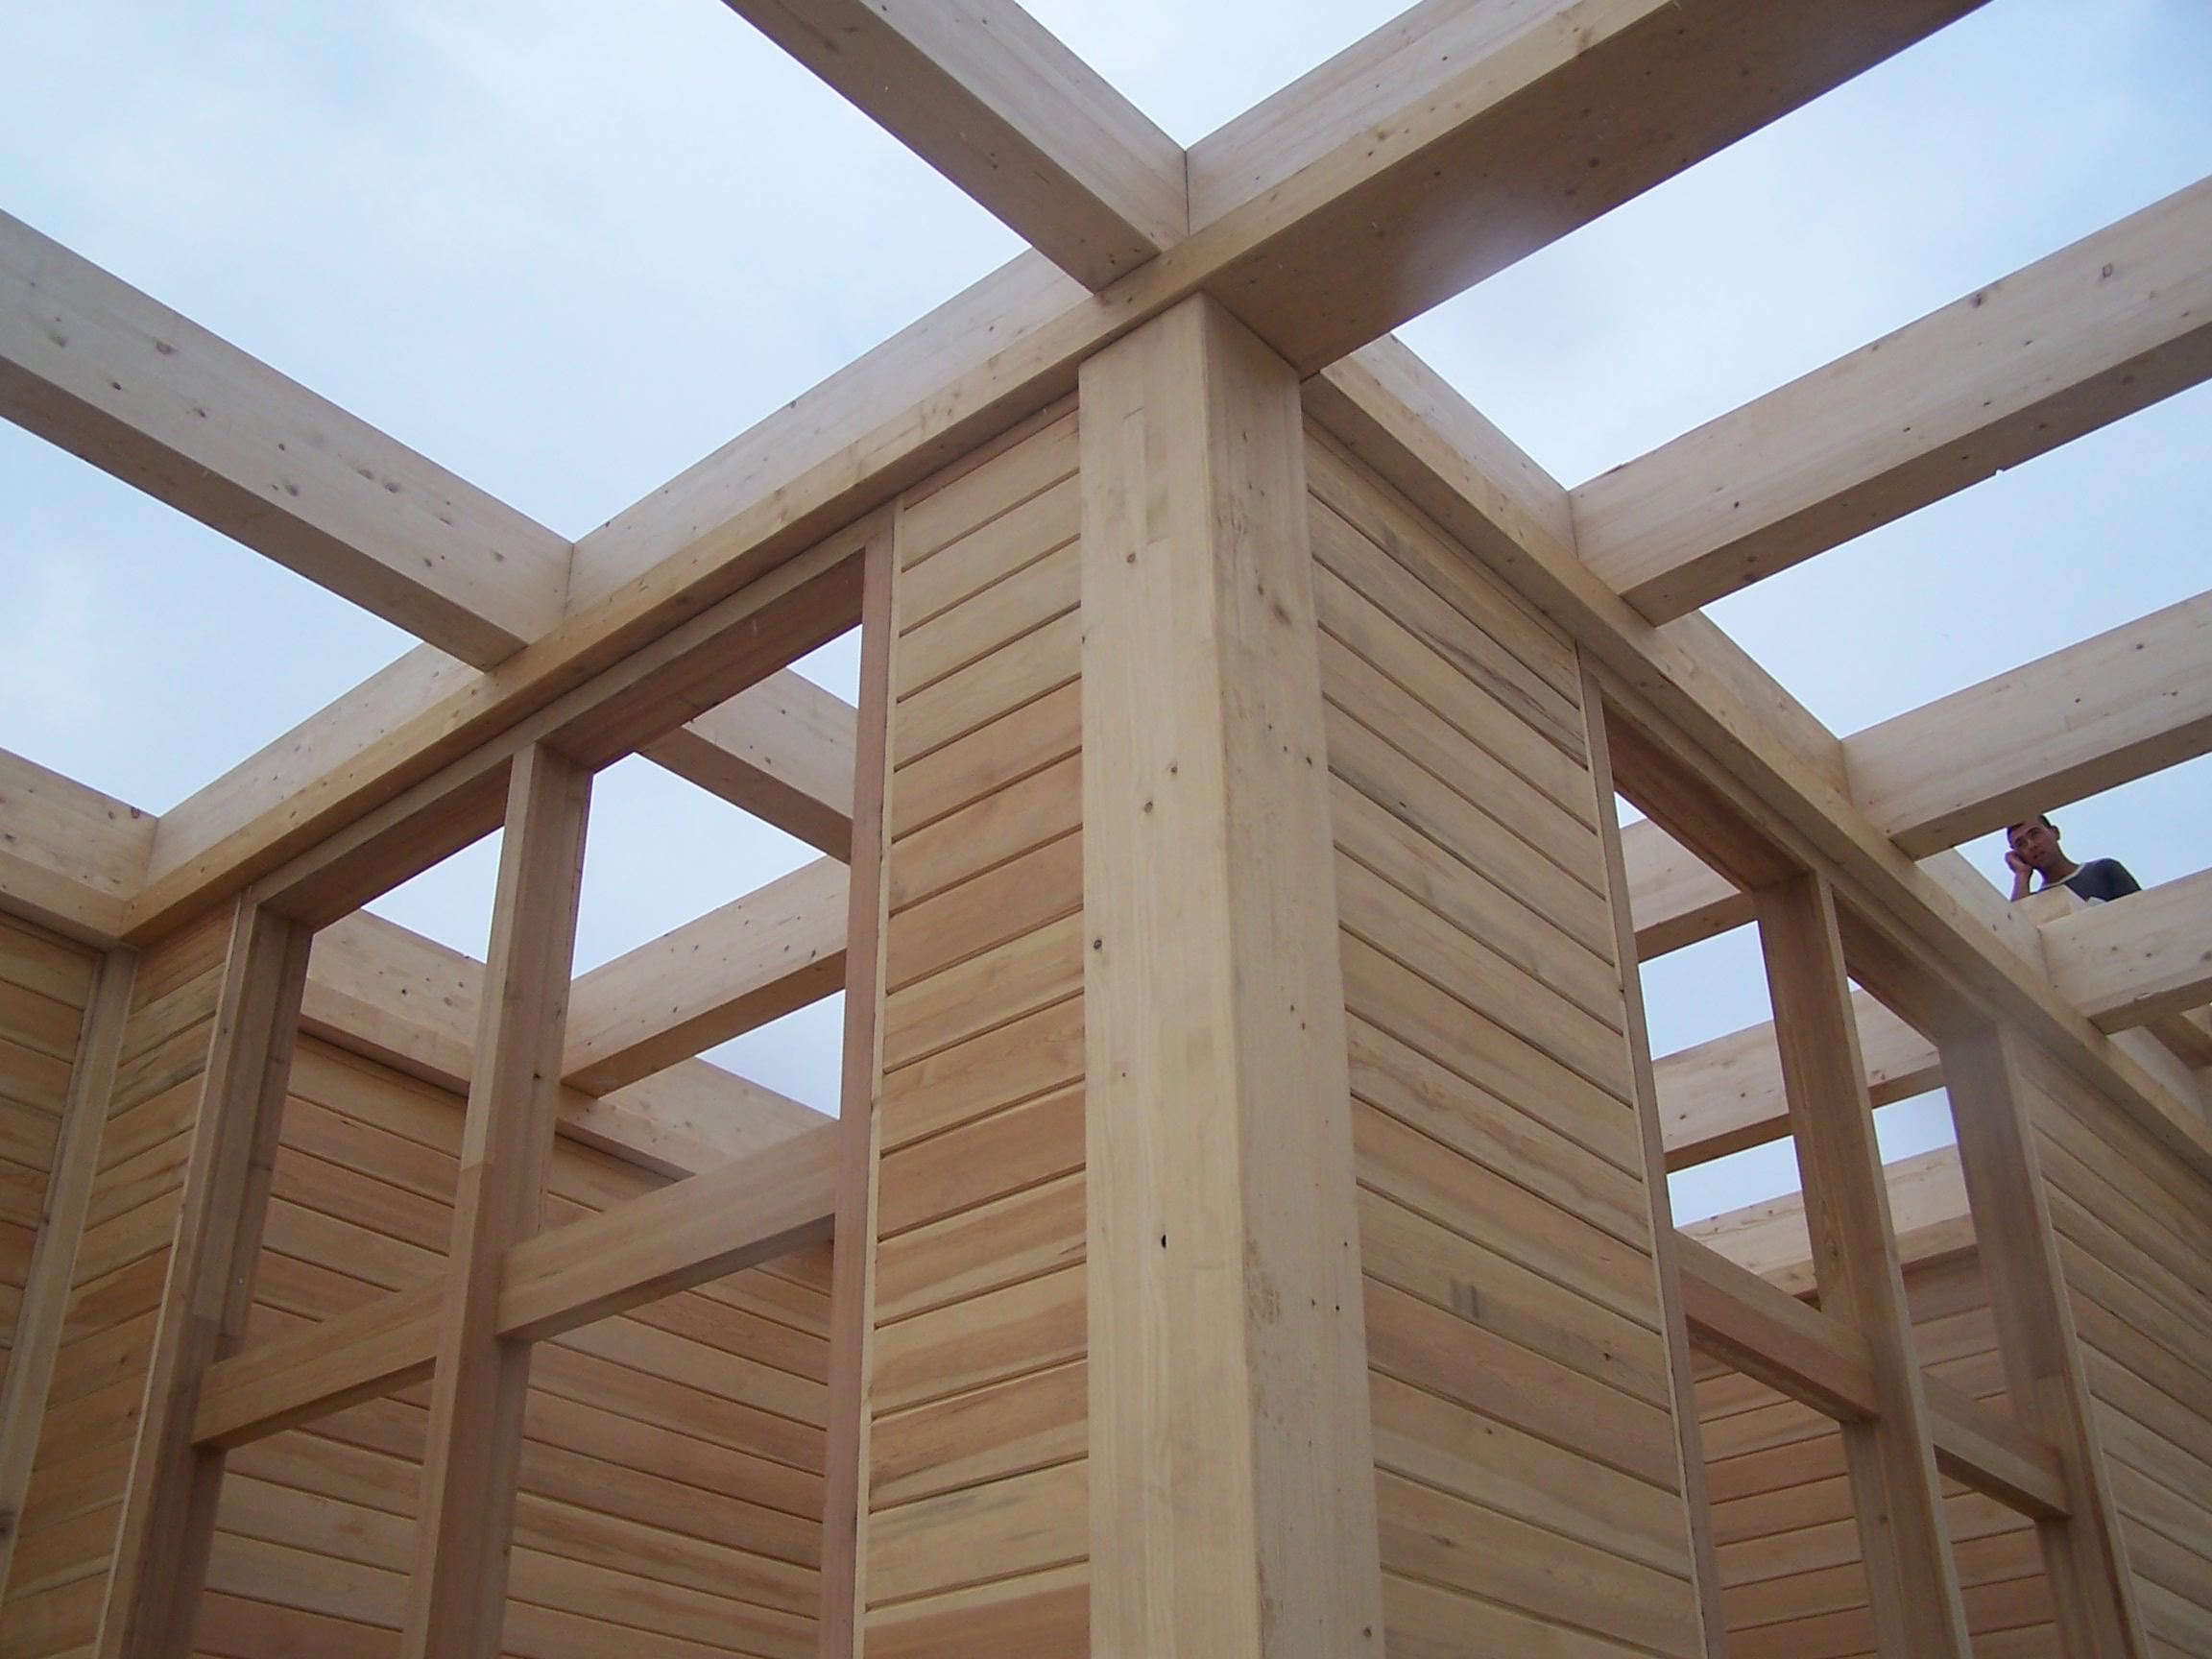 La construction en bois réduit l'empreinte climatique